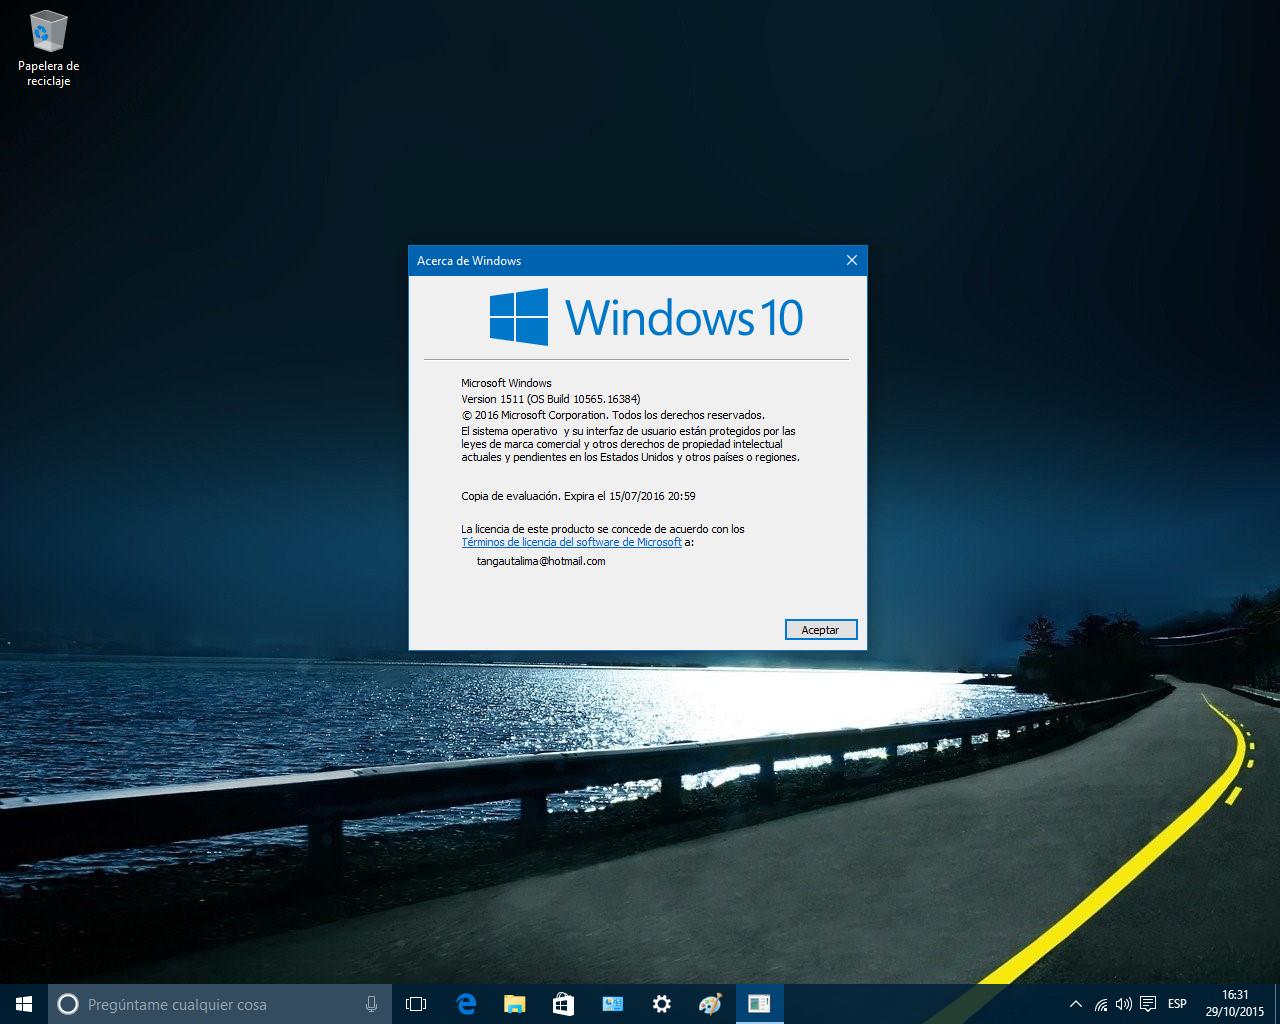 Télécharger <b>Windows</b> <b>10</b> <b>iso</b> french image disque 2019 (<b>ISO</b>)